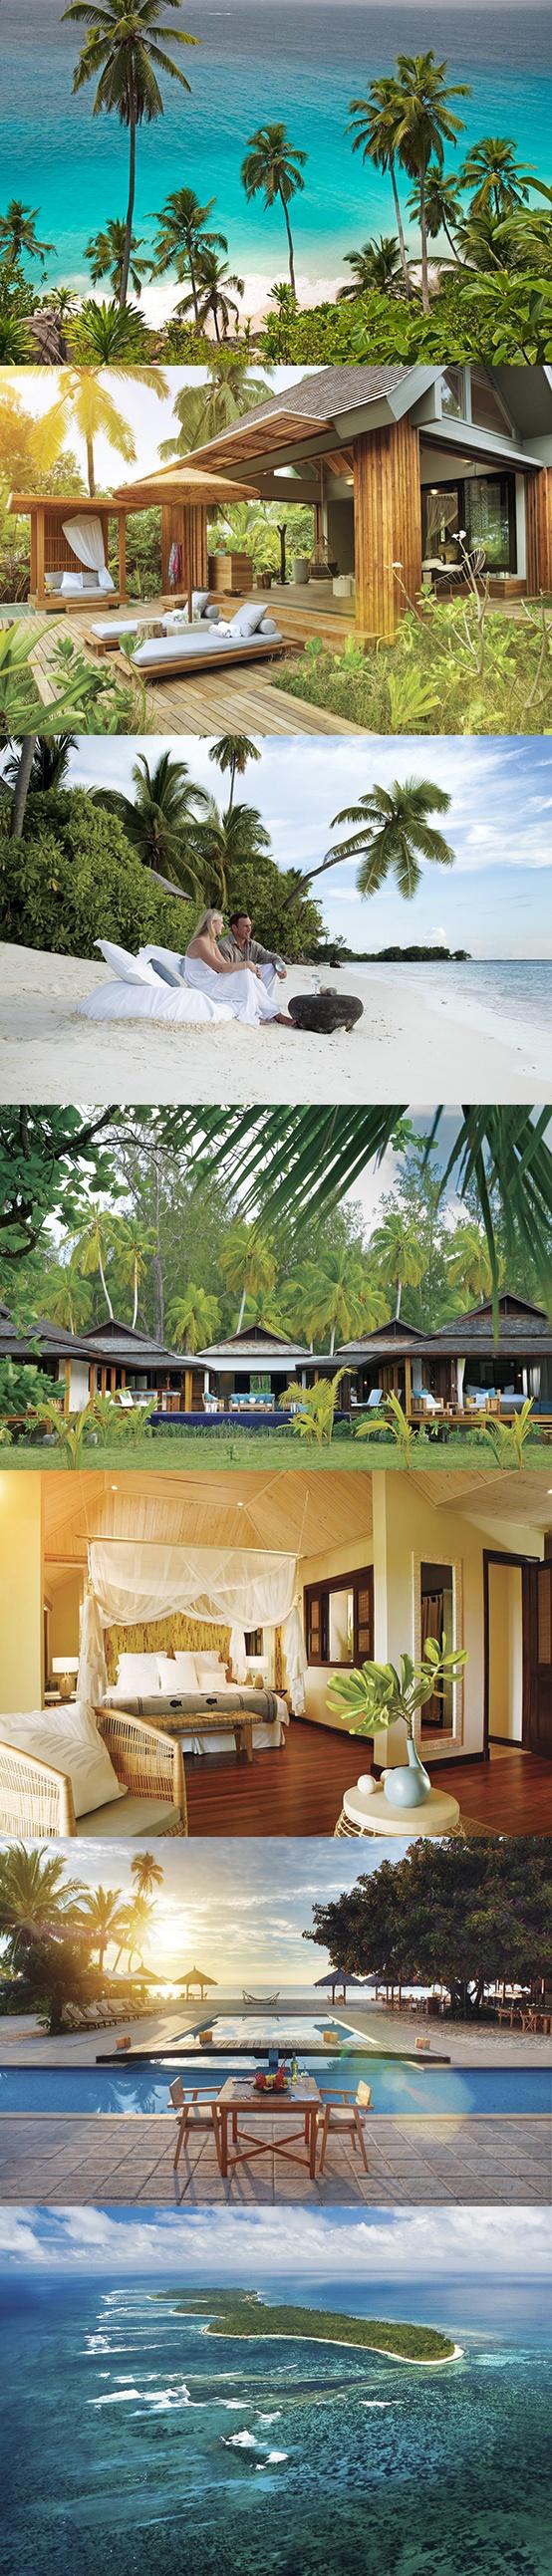 """Отель """"Desroches Island Resort ***** deluxe (остров Дерош, Сейшельские острова). Подробности: +7 495 9332333, sale@inna.ru, www.inna.ru.  Будьте с нами! Открывайте мир с нами! Путешествуйте с нами!"""